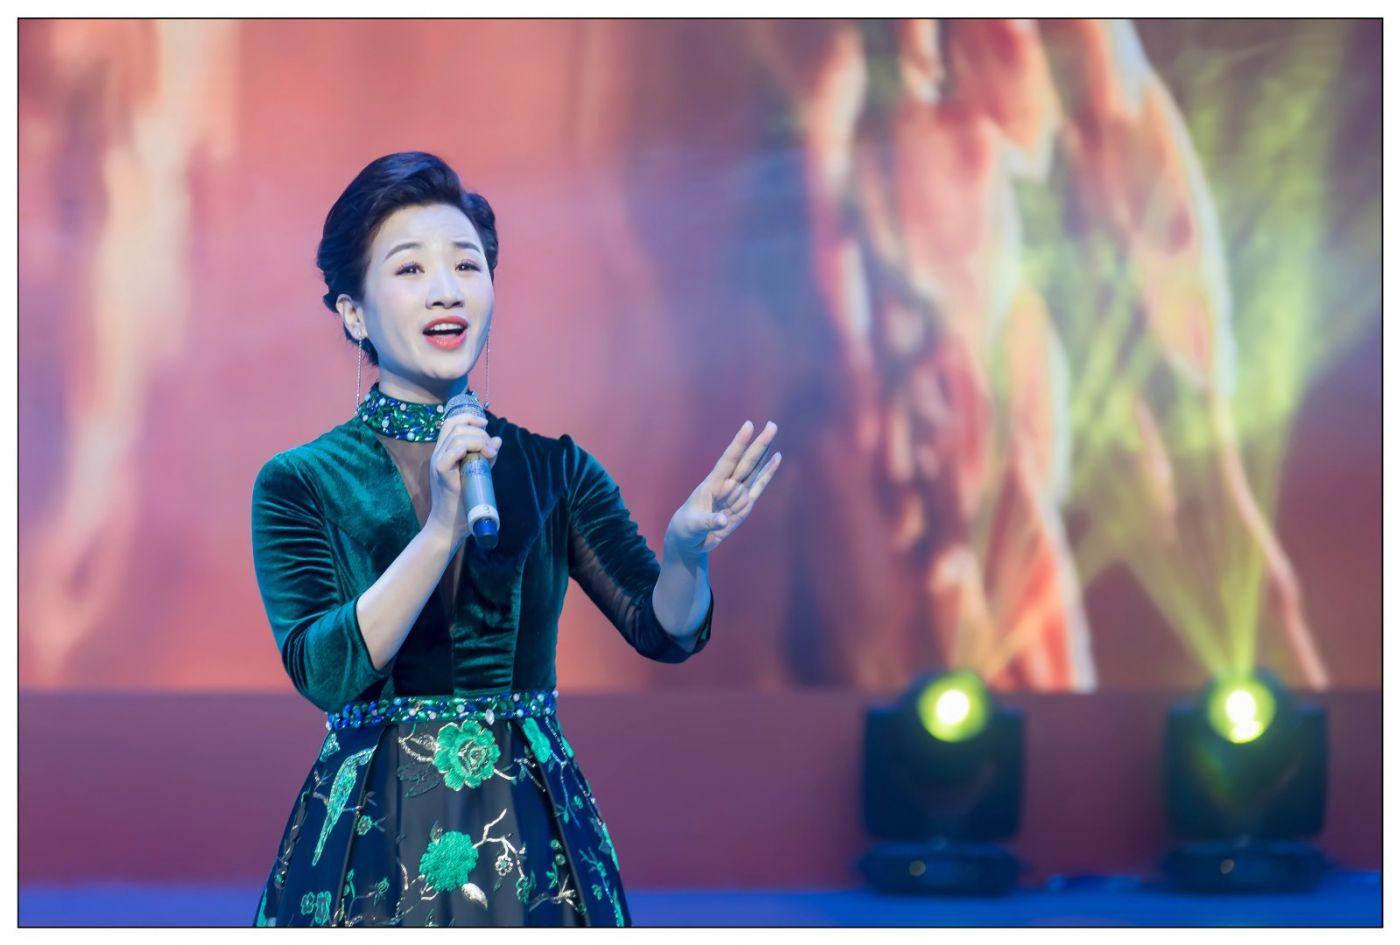 又见星光大道冠军歌手张海军 1月26央视播出 将自己唱哭的歌手 ..._图1-15